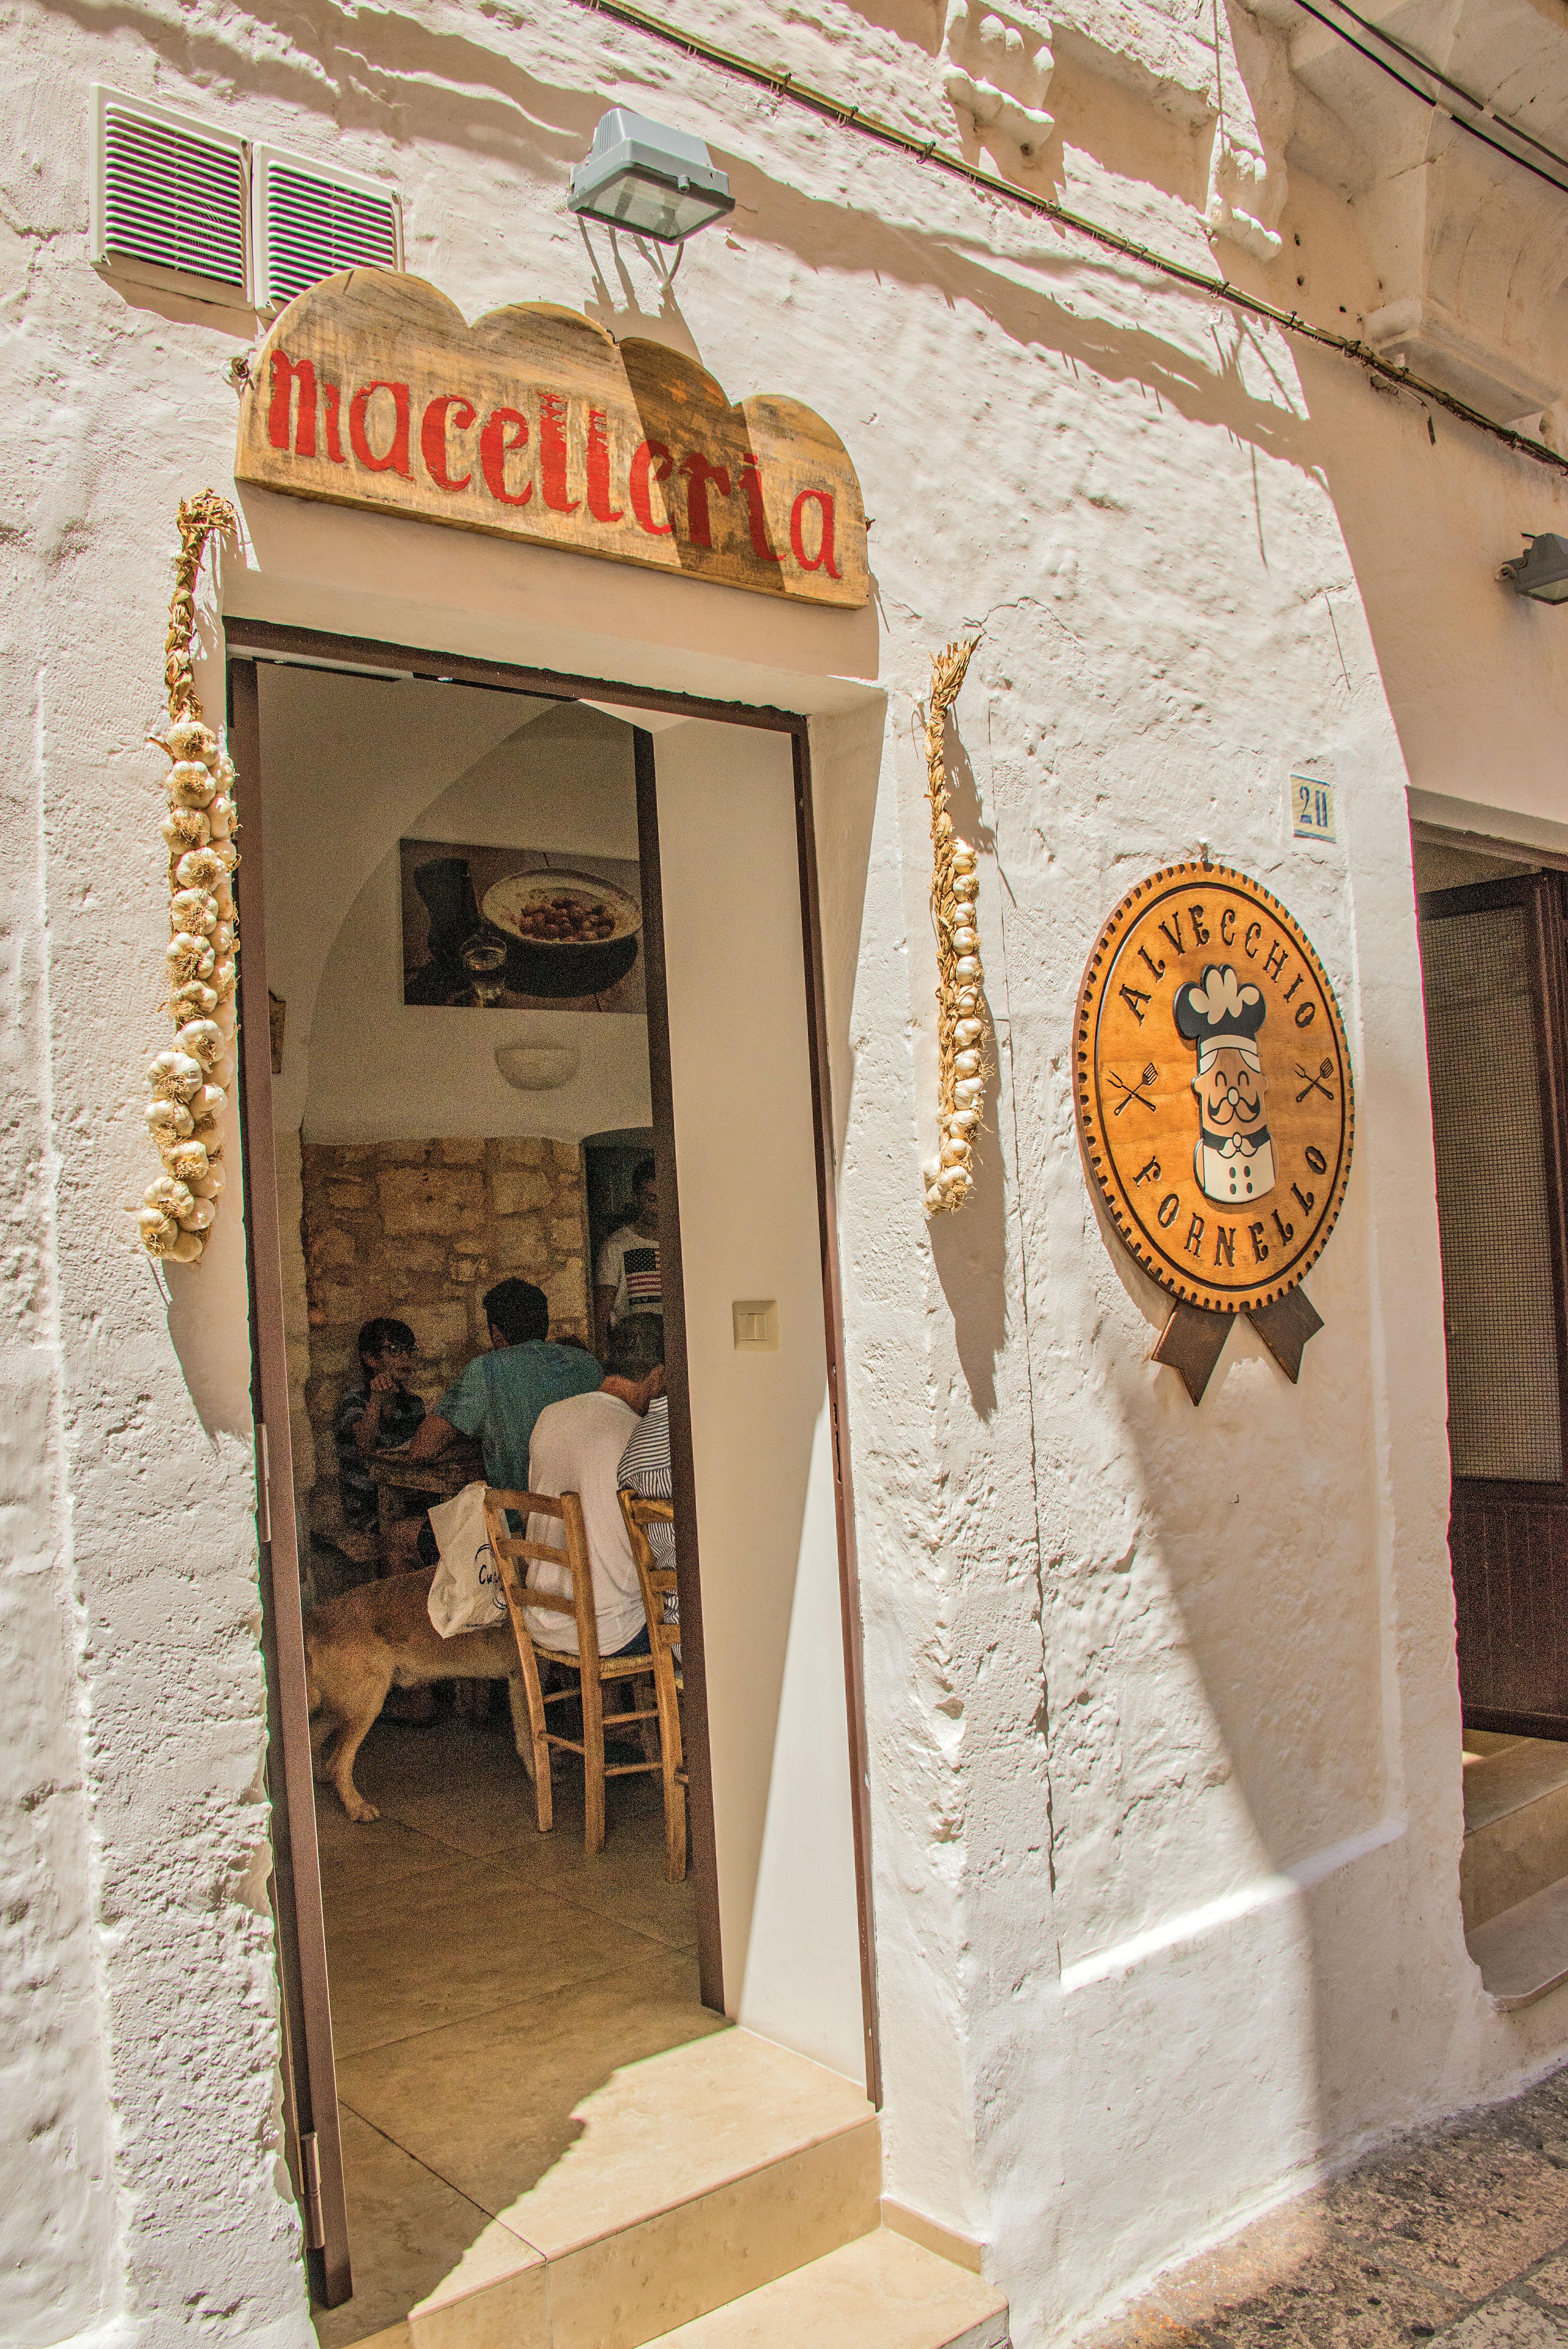 Alta parede branca, com uma porta em que os batentes estão decorados com correntes de alho. Dentro, é possível ver várias meses e cadeiras com clientes consumindo alimentos